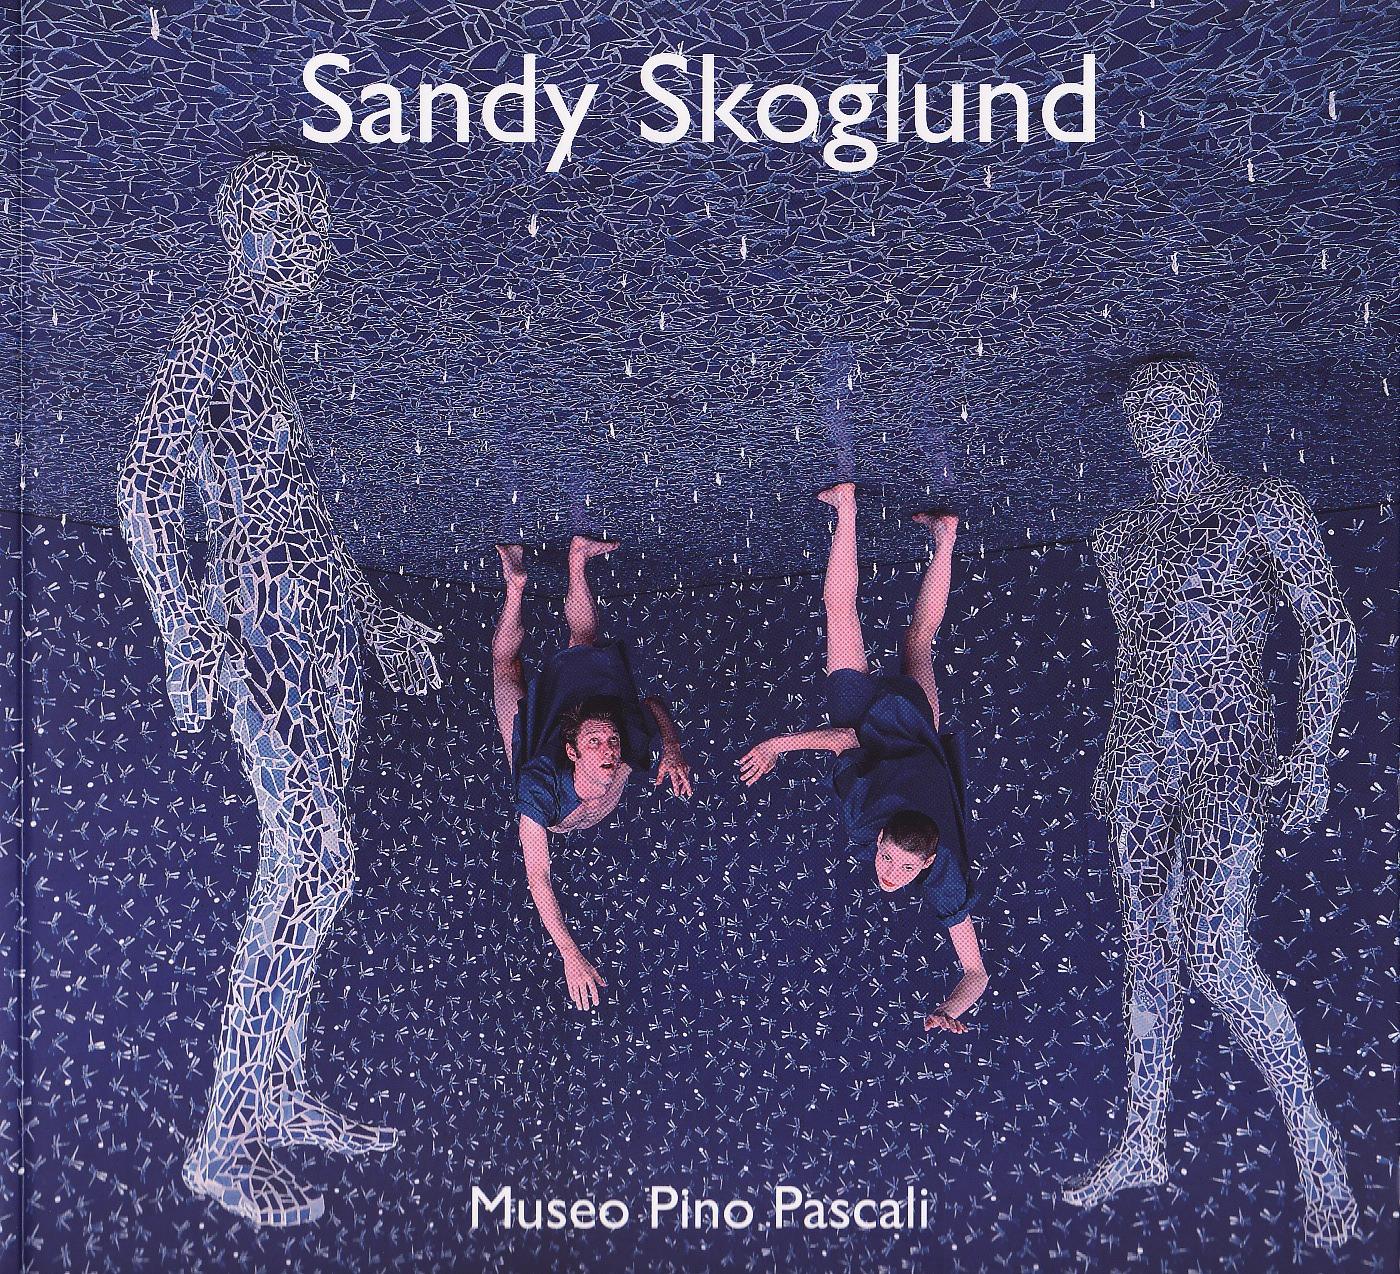 Visionary, Sandy Skoglund